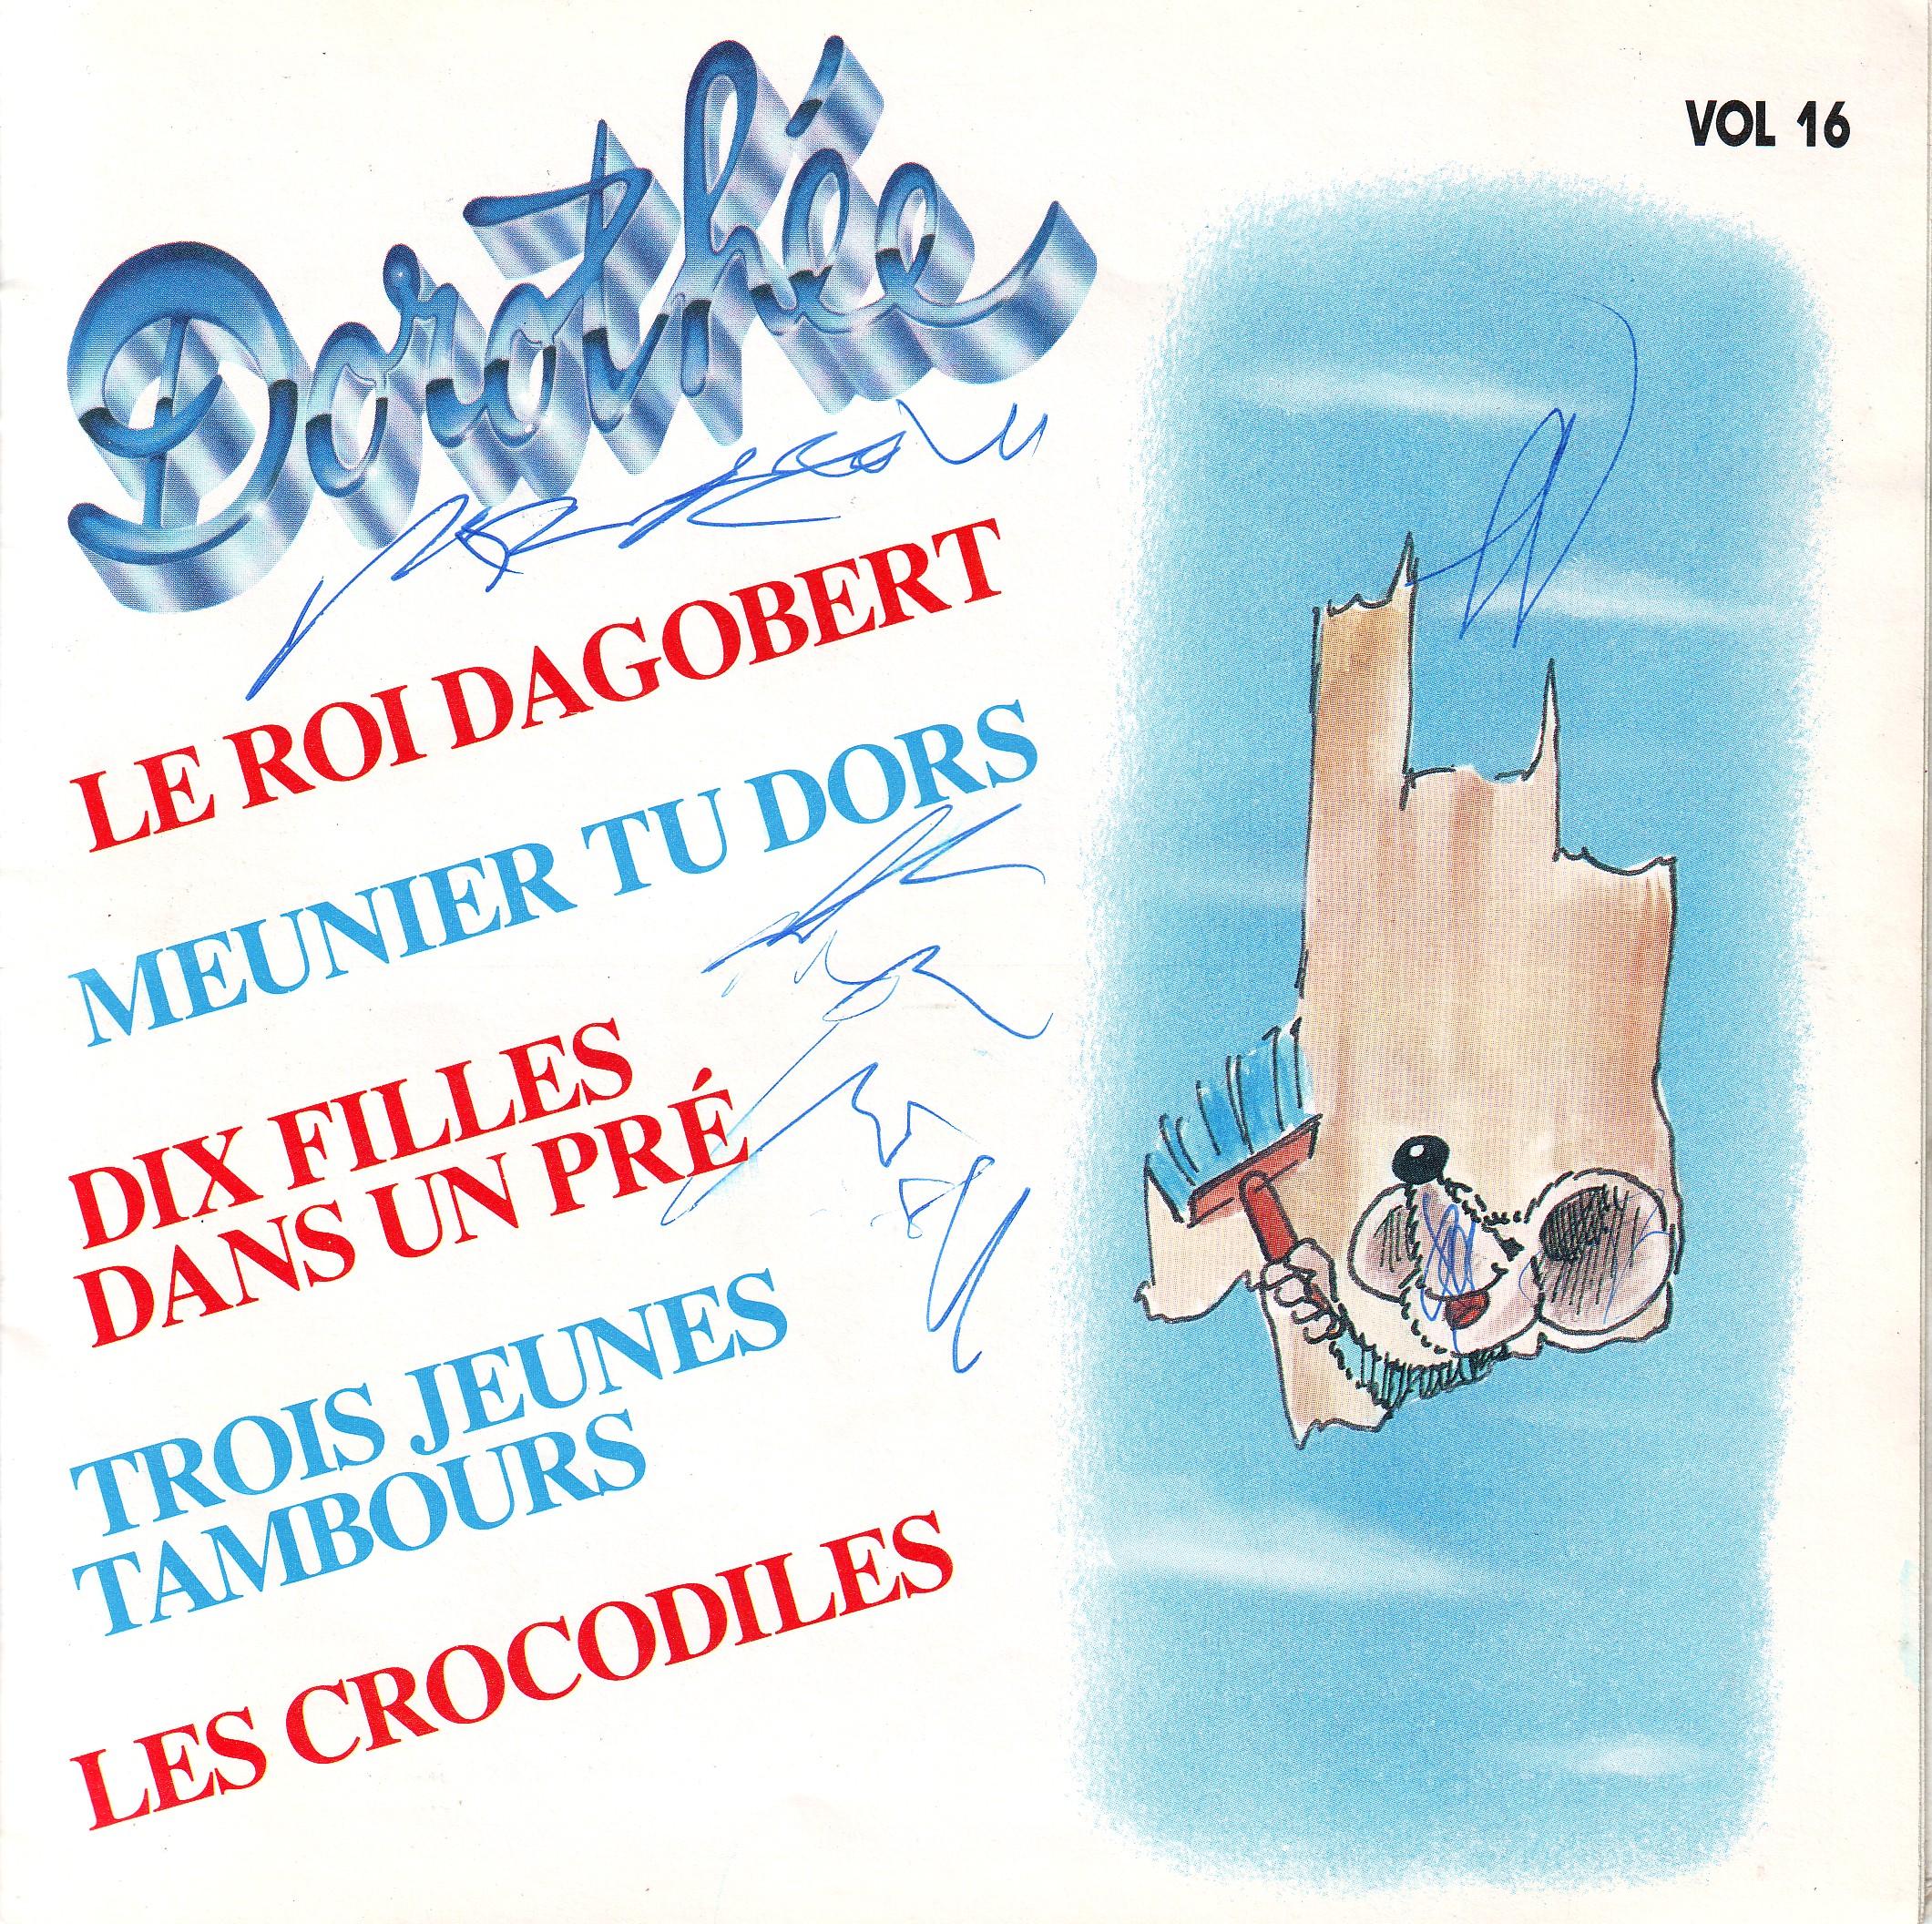 Dorothée et AB Productions (Récré A2 - Club Dorothée) Jardin16entier2